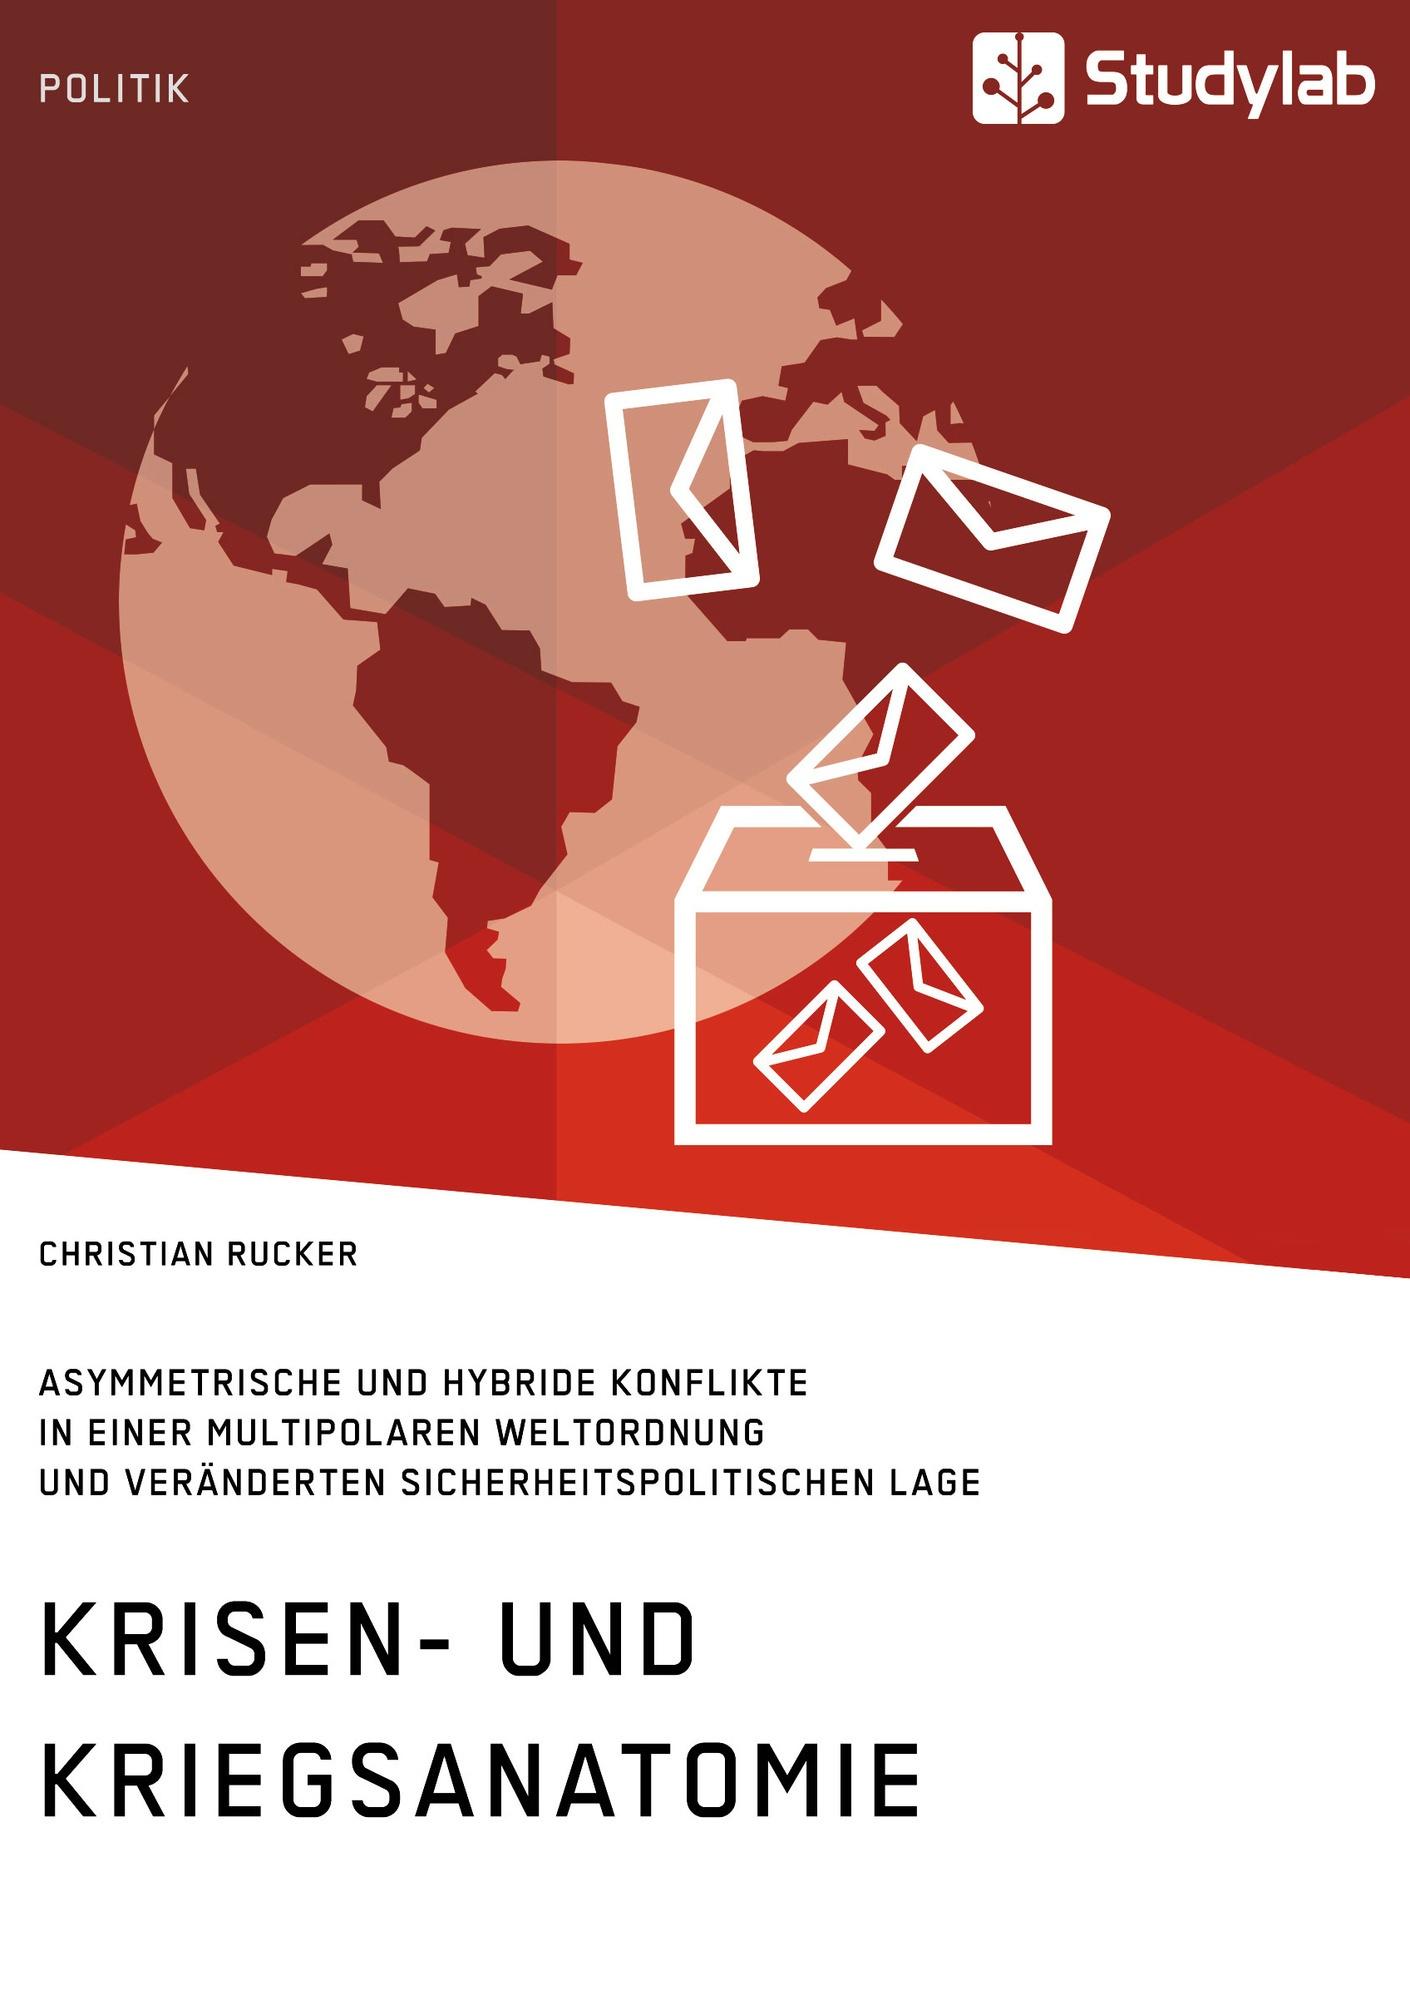 Titel: Krisen- und Kriegsanatomie im 21. Jahrhundert